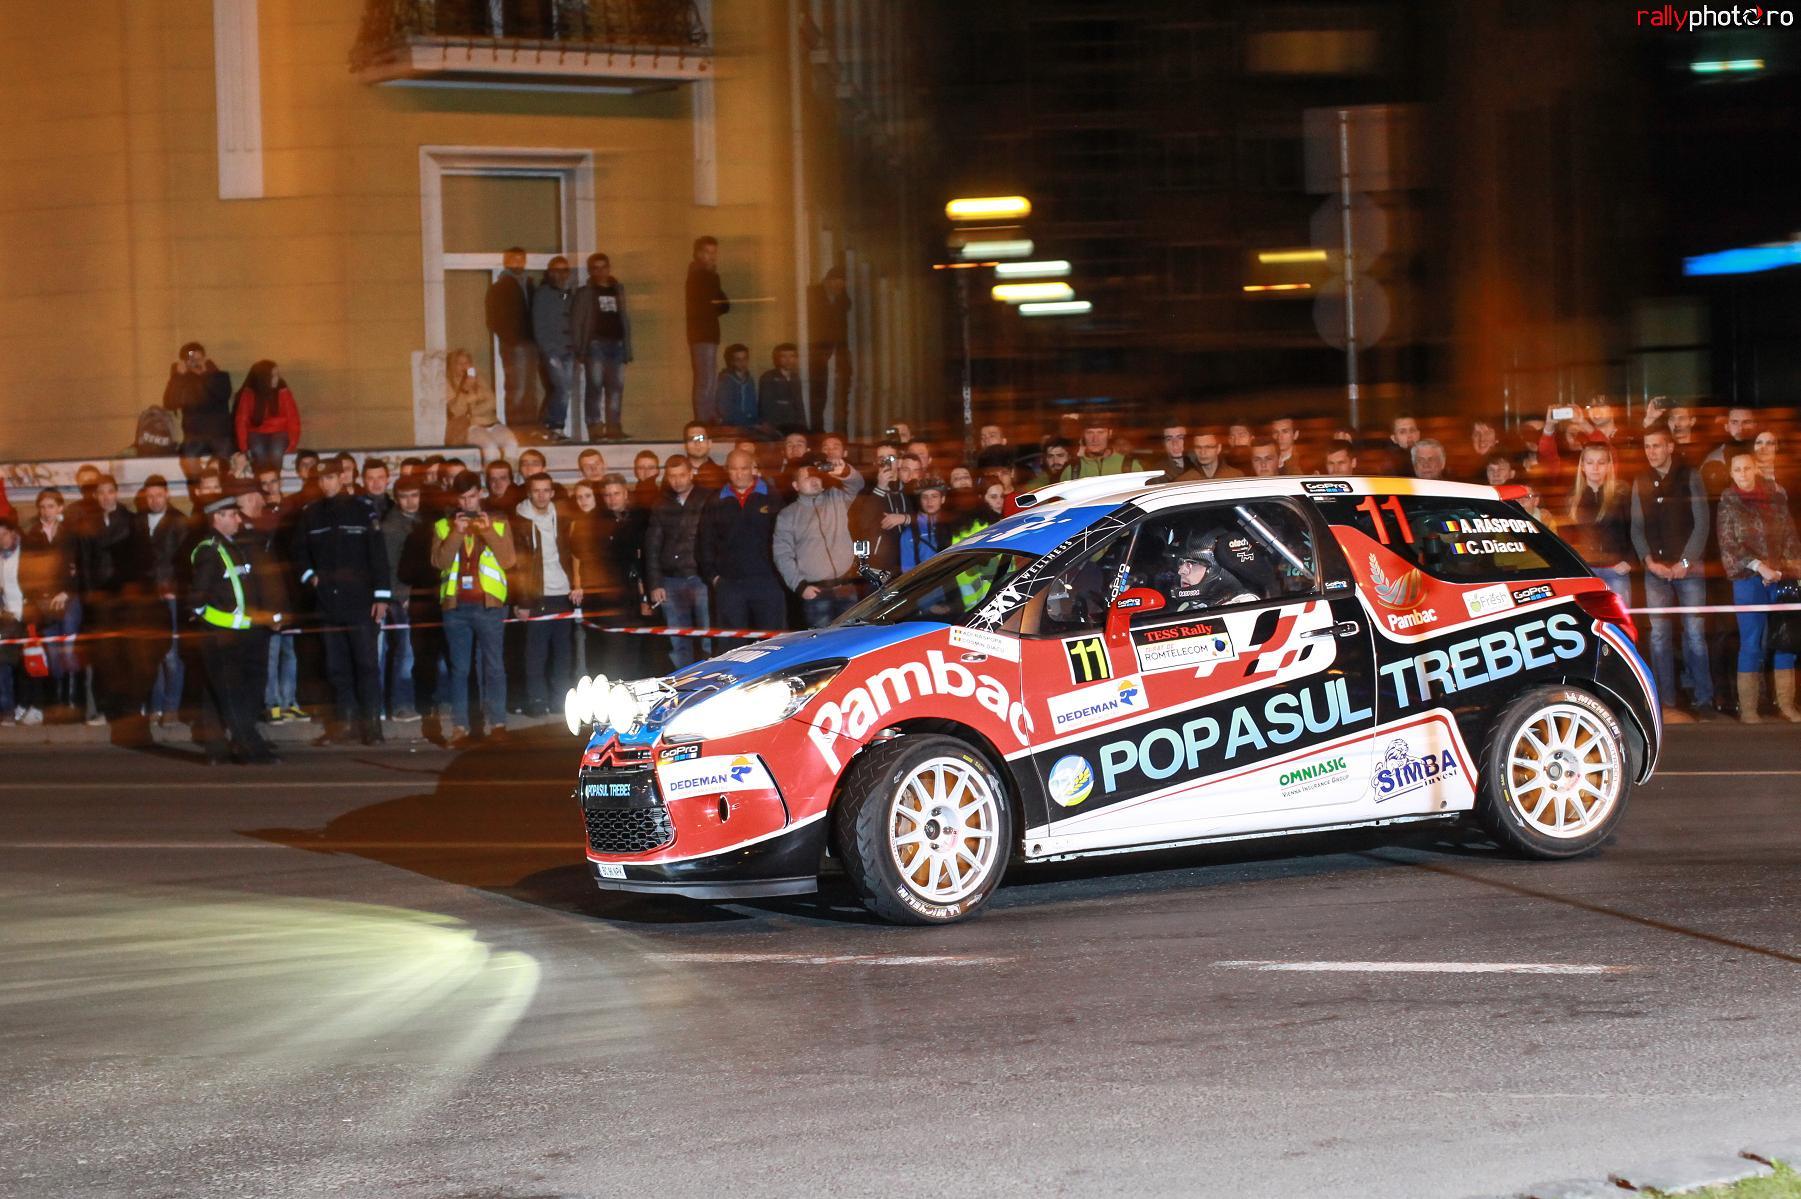 Transilvania Rally: O noua abordare pentru pentru Raspopa si Grigoriu